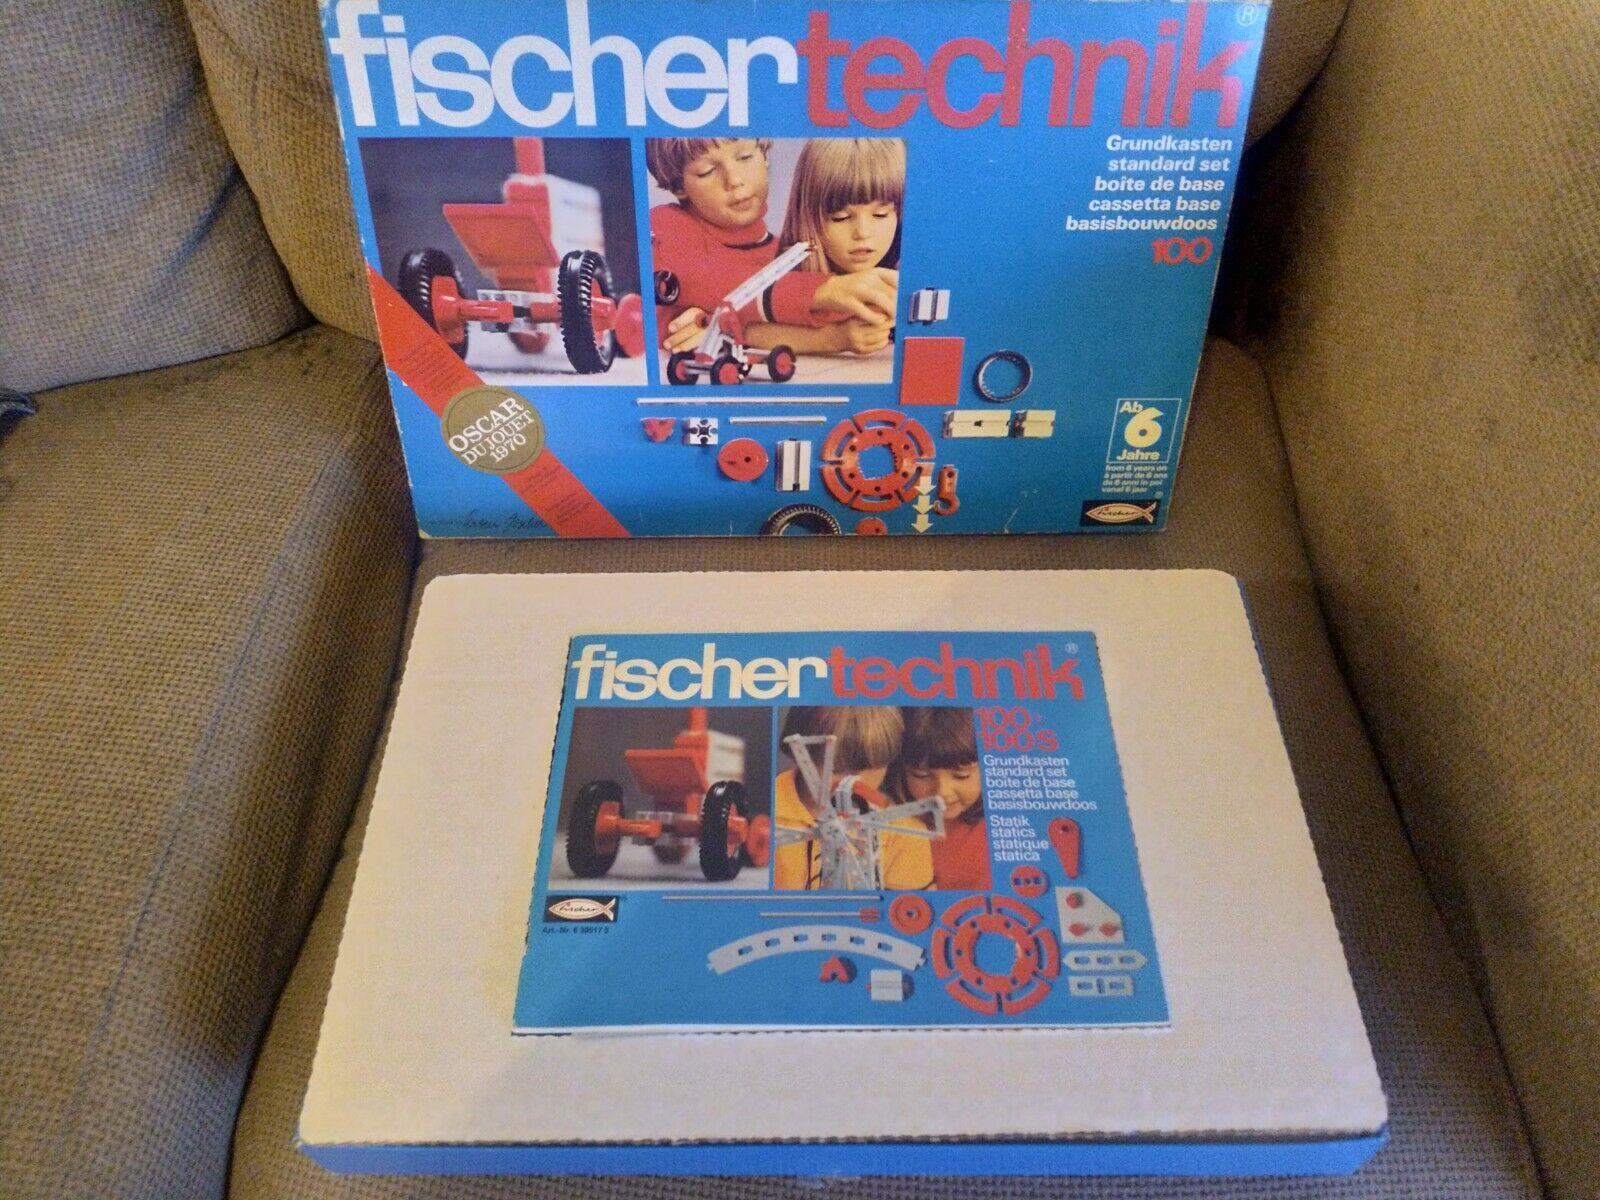 genuina alta calidad Fischer Technik conjunto conjunto conjunto estándar, 100 Piezas. buena muy buenas condiciones.  ahorrar en el despacho